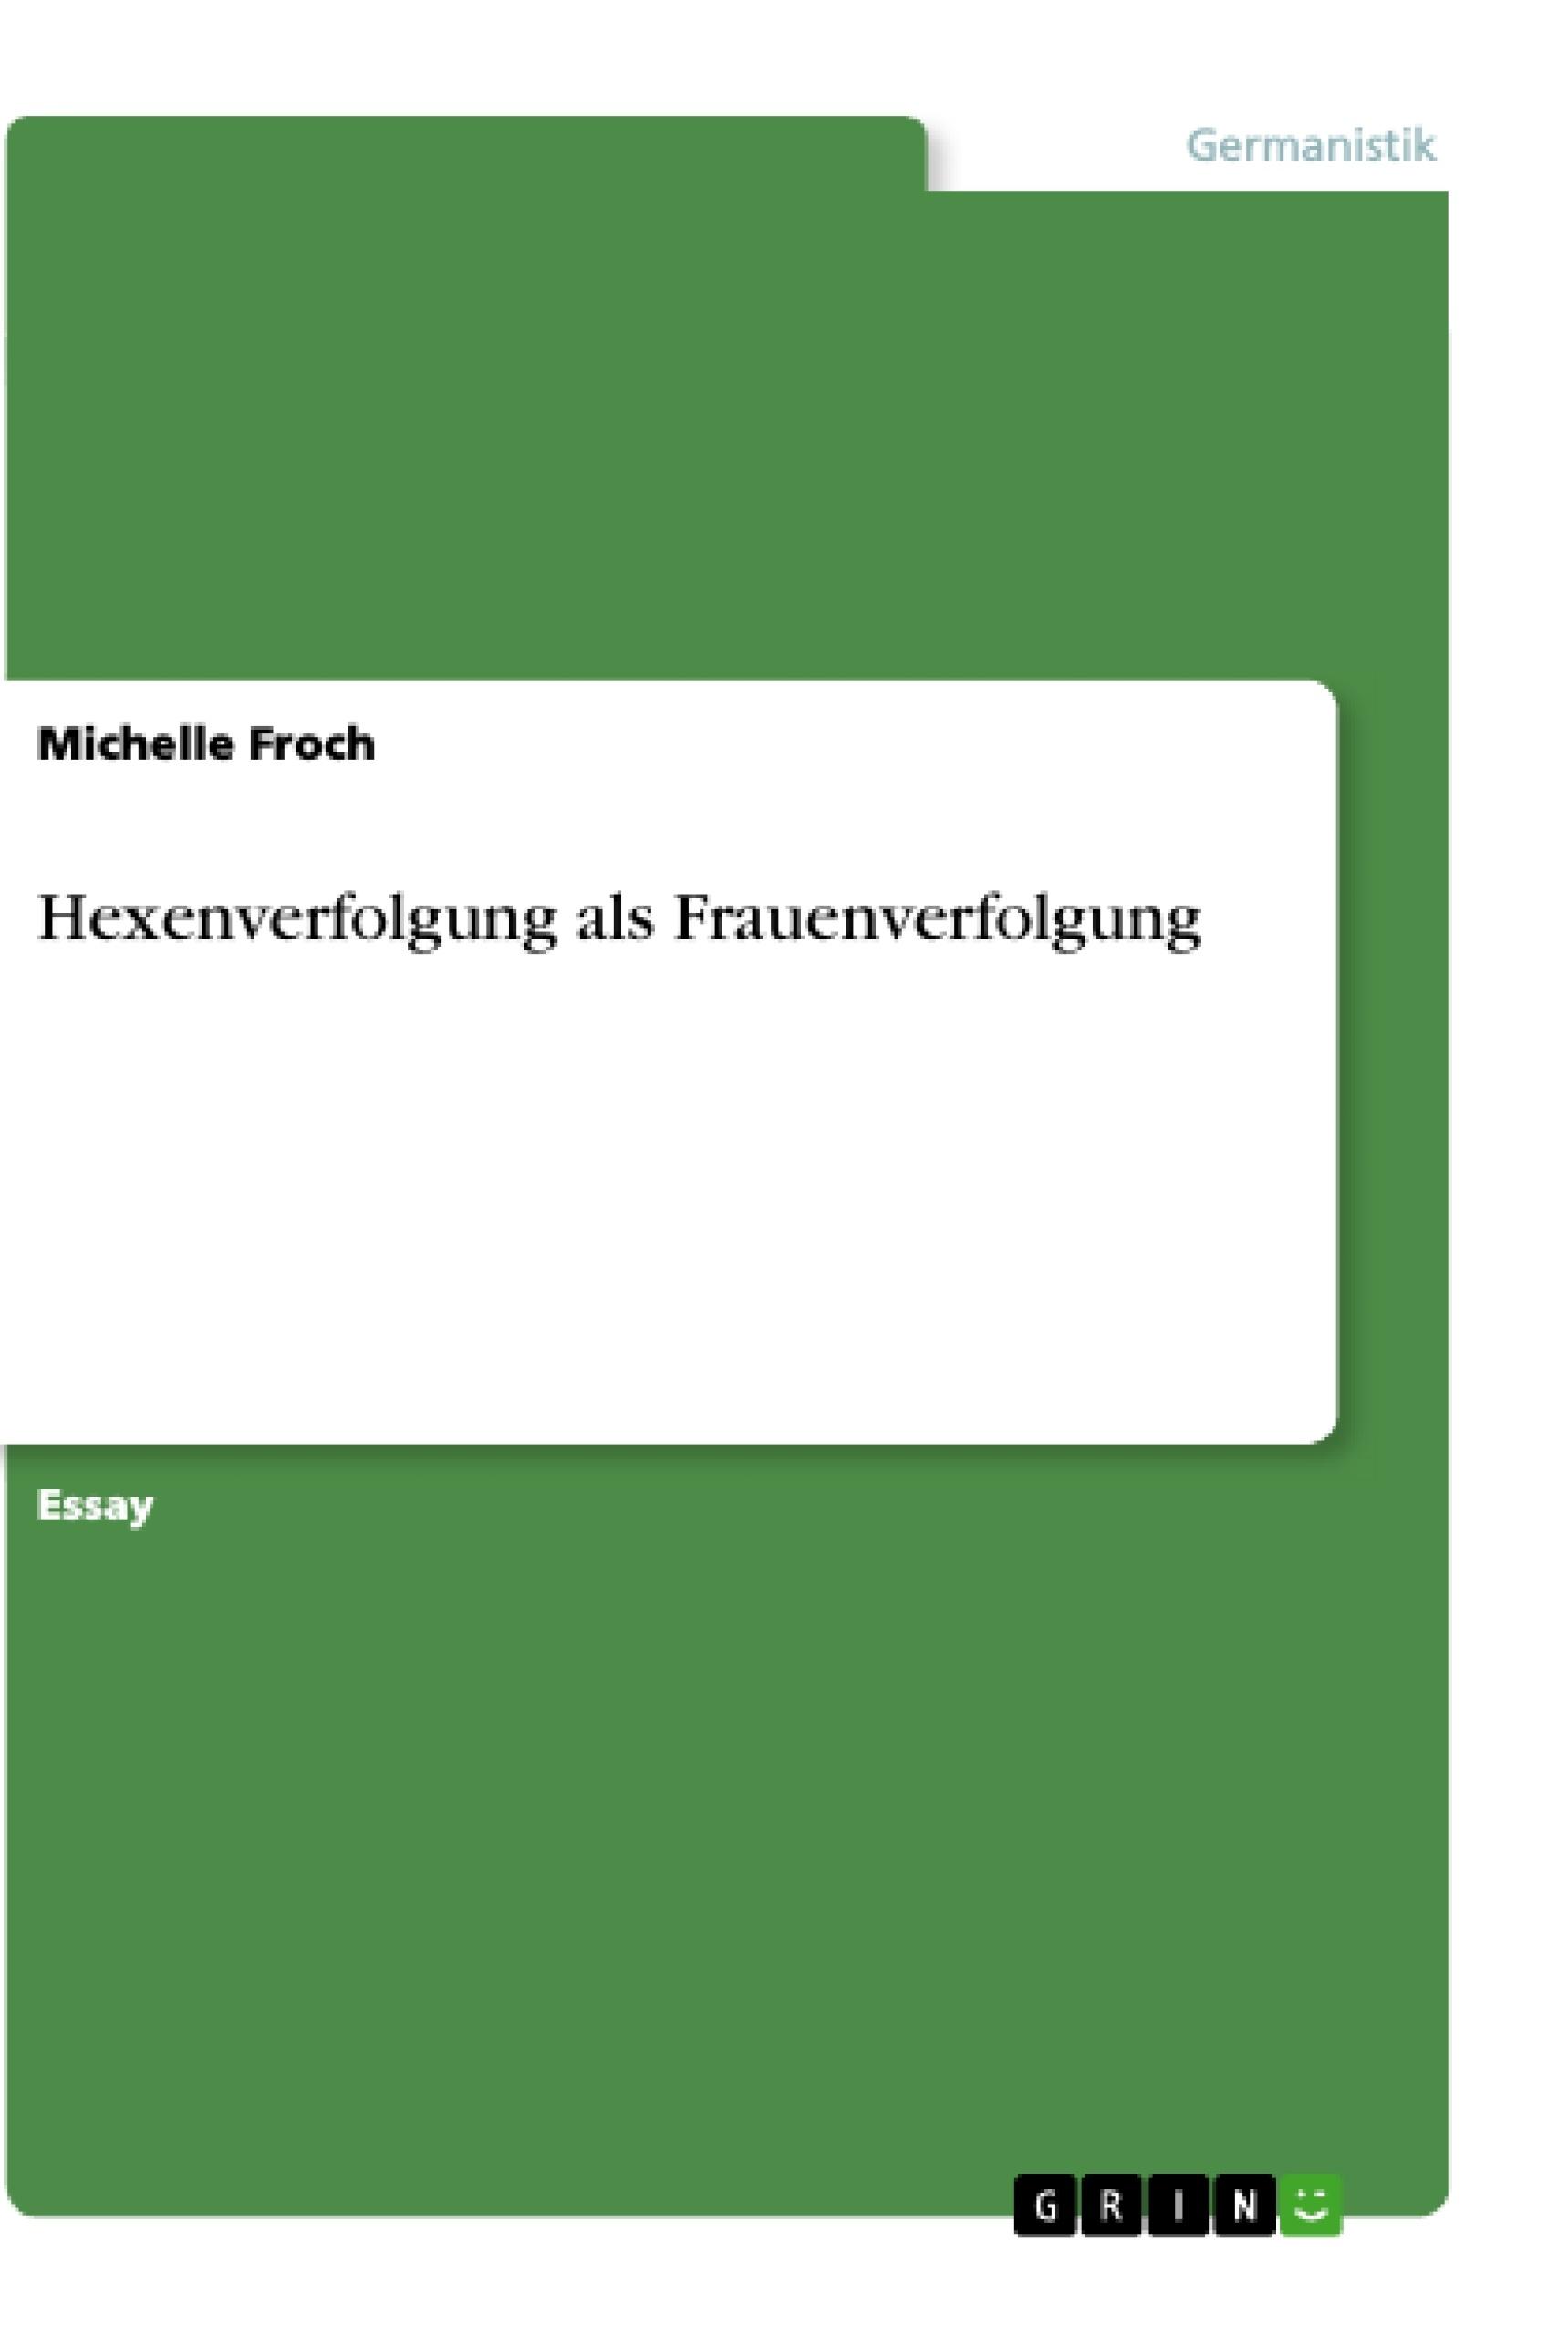 Titel: Hexenverfolgung als Frauenverfolgung